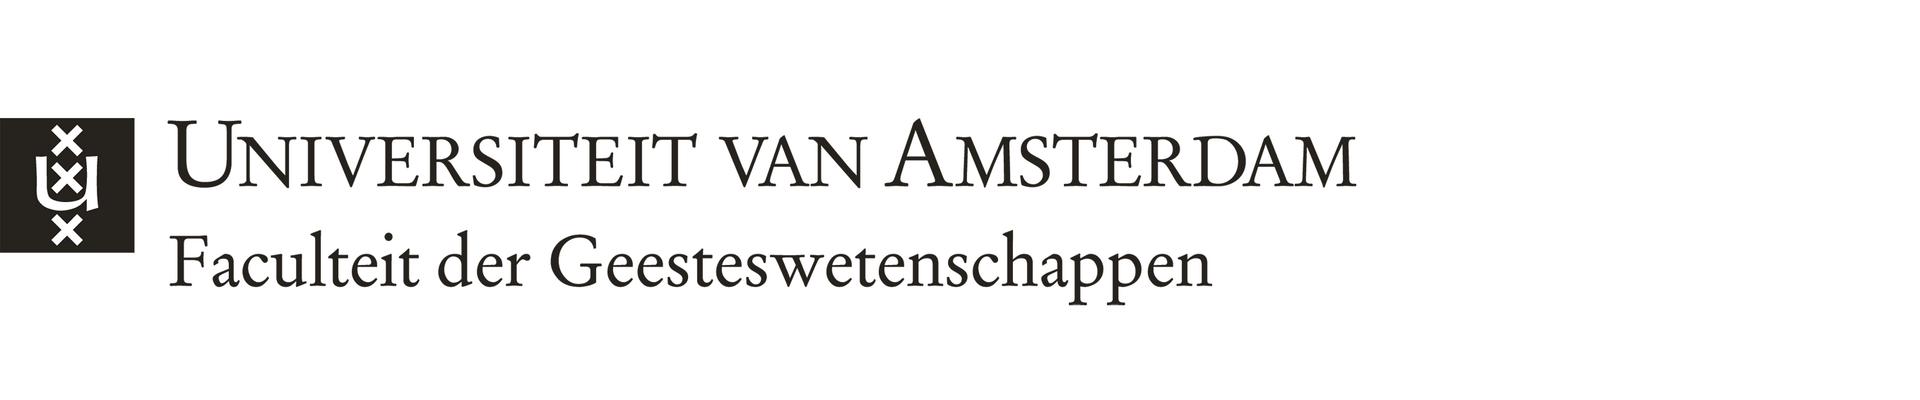 Reparatie en imitatie. Over het gebouwde erfgoed in het eigentijdse Amsterdam